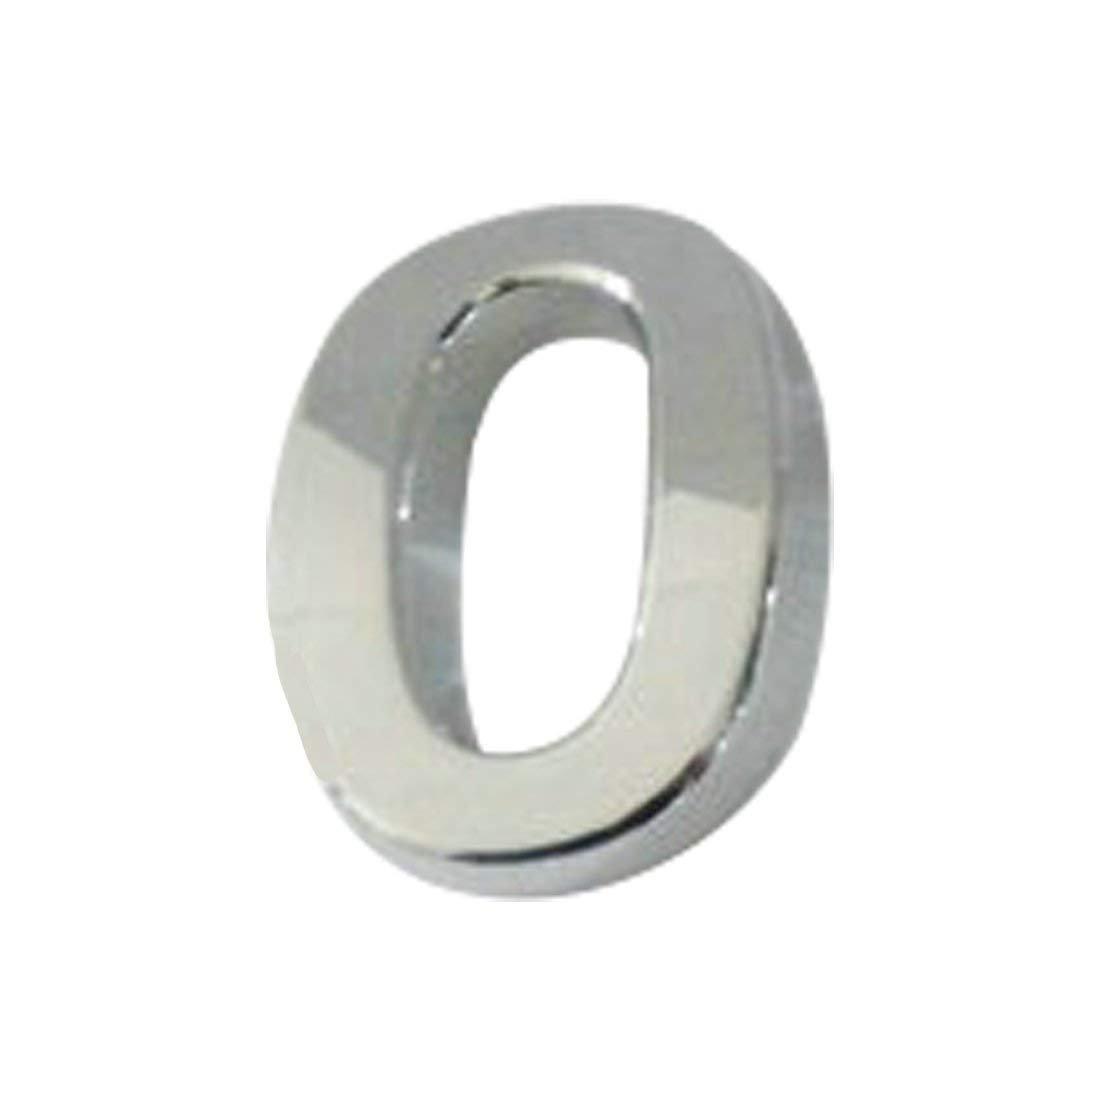 Cristoferv Piastra autoadesiva in cromo, per numero di porta, auto, indirizzo, numeri, numero 0, 0